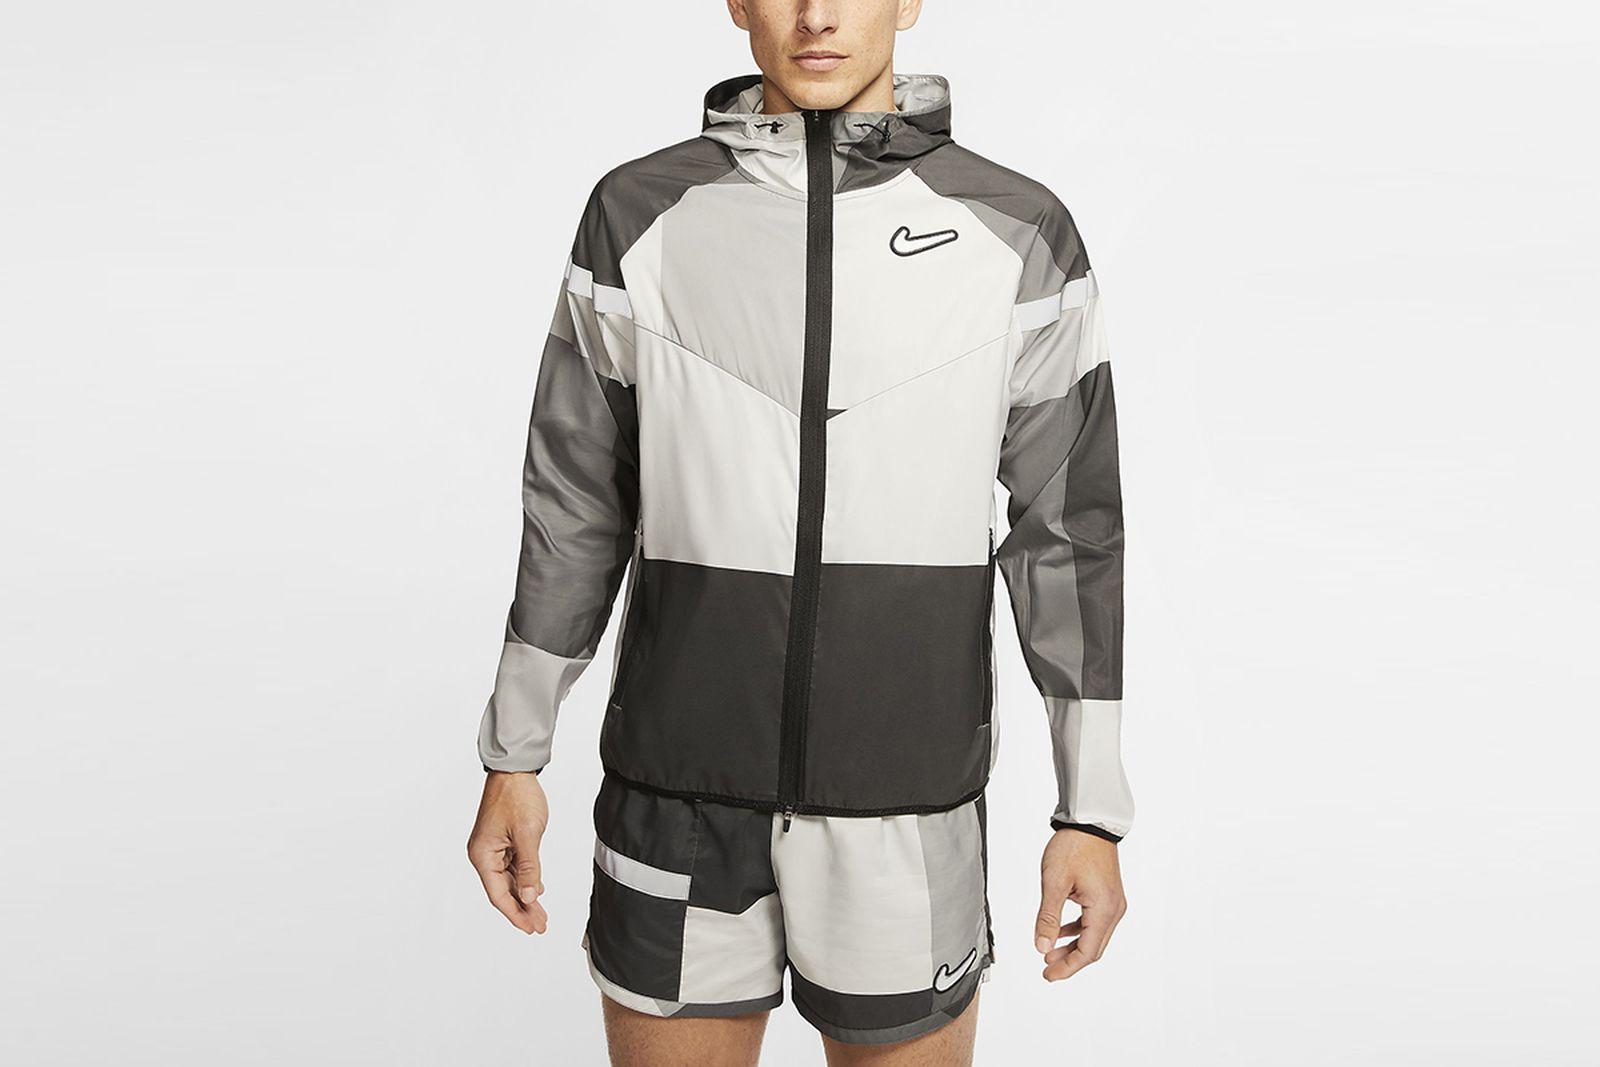 windrunner-wild-run-mens-running-jacket-jDXm5l